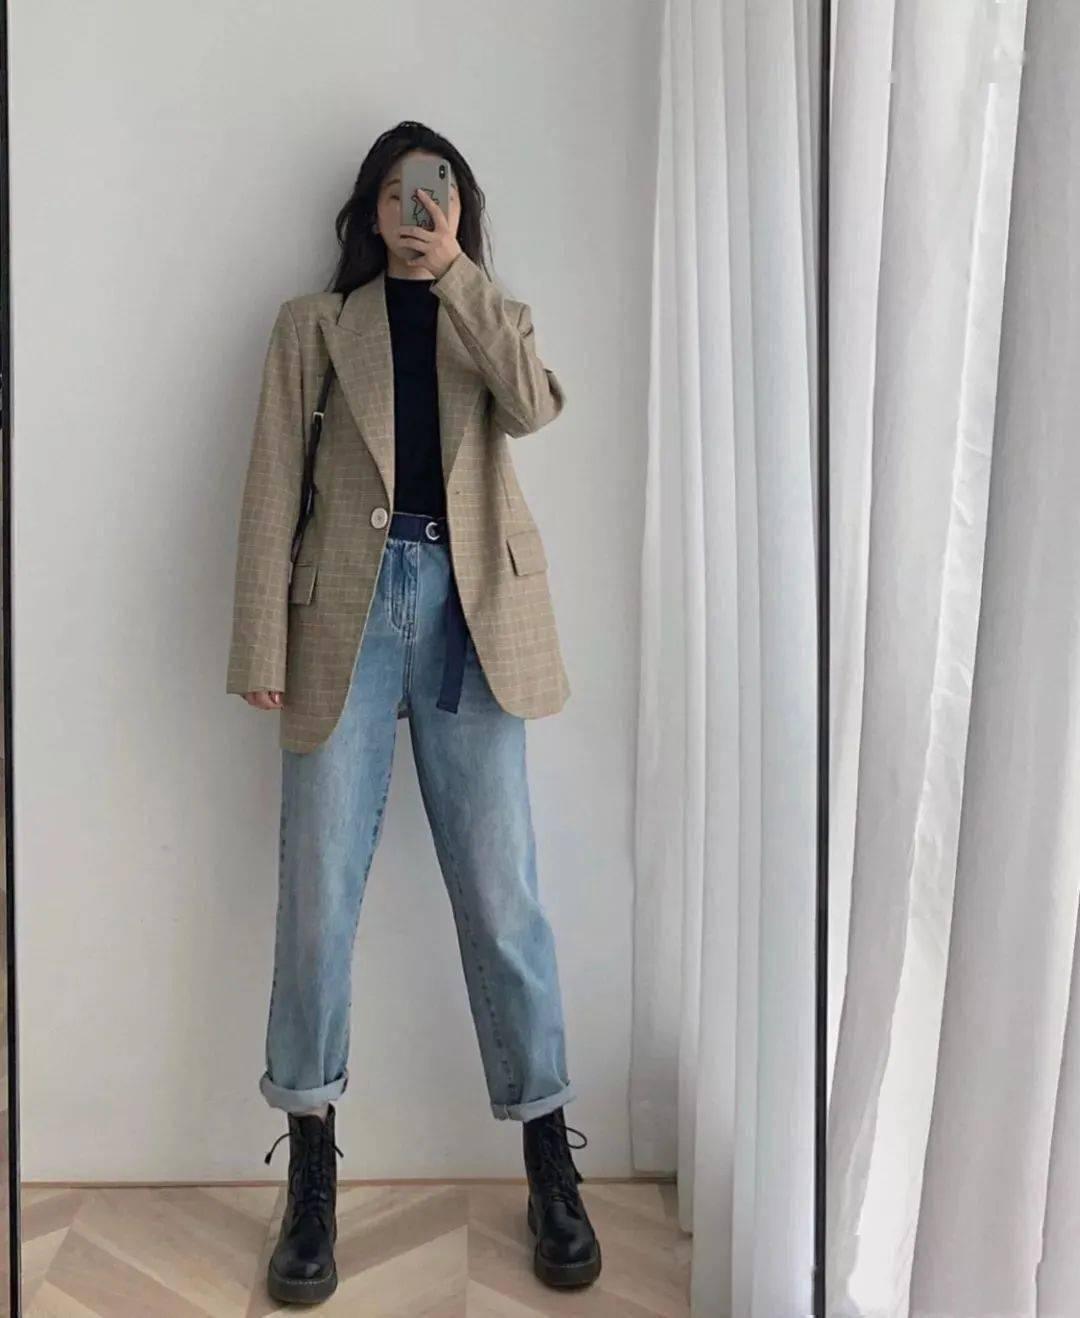 马丁靴+裙子,马丁靴+工装裤……又酷又撩,时髦炸了!     第38张